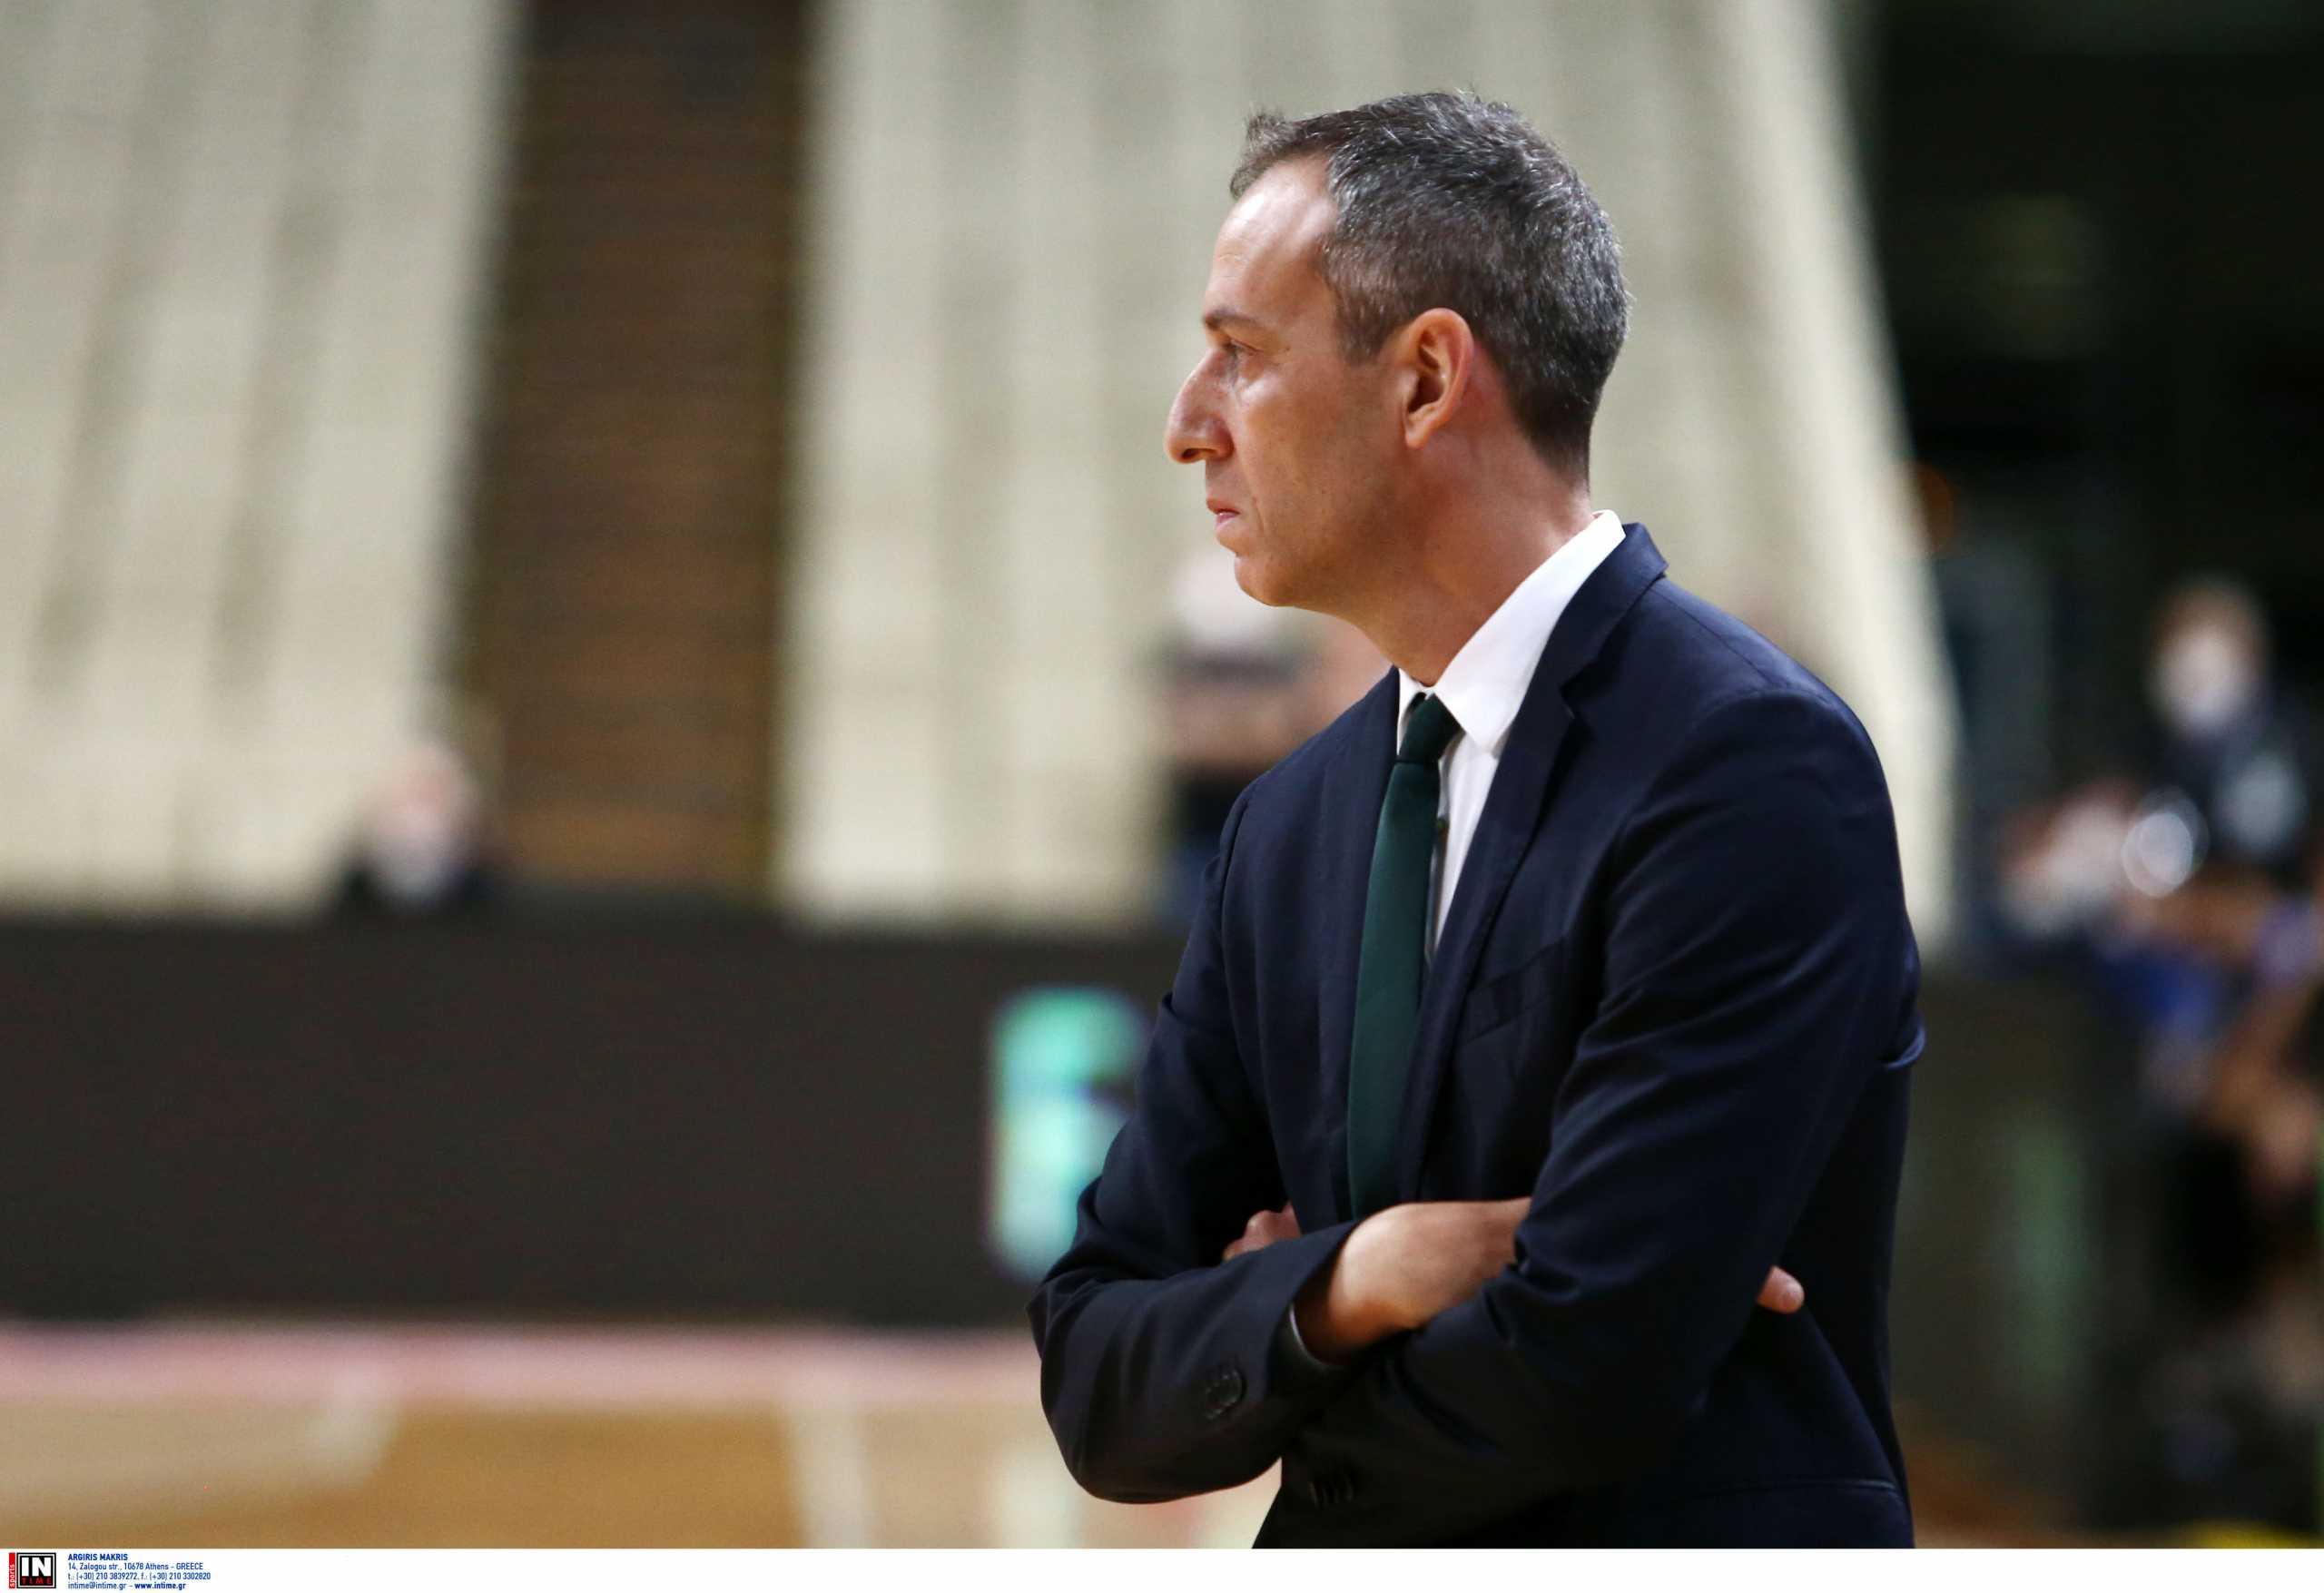 Παναθηναϊκός – Μακάμπι: Περήφανος ο Κάτας, ανέλαβε την ευθύνη ο Σφαιρόπουλος